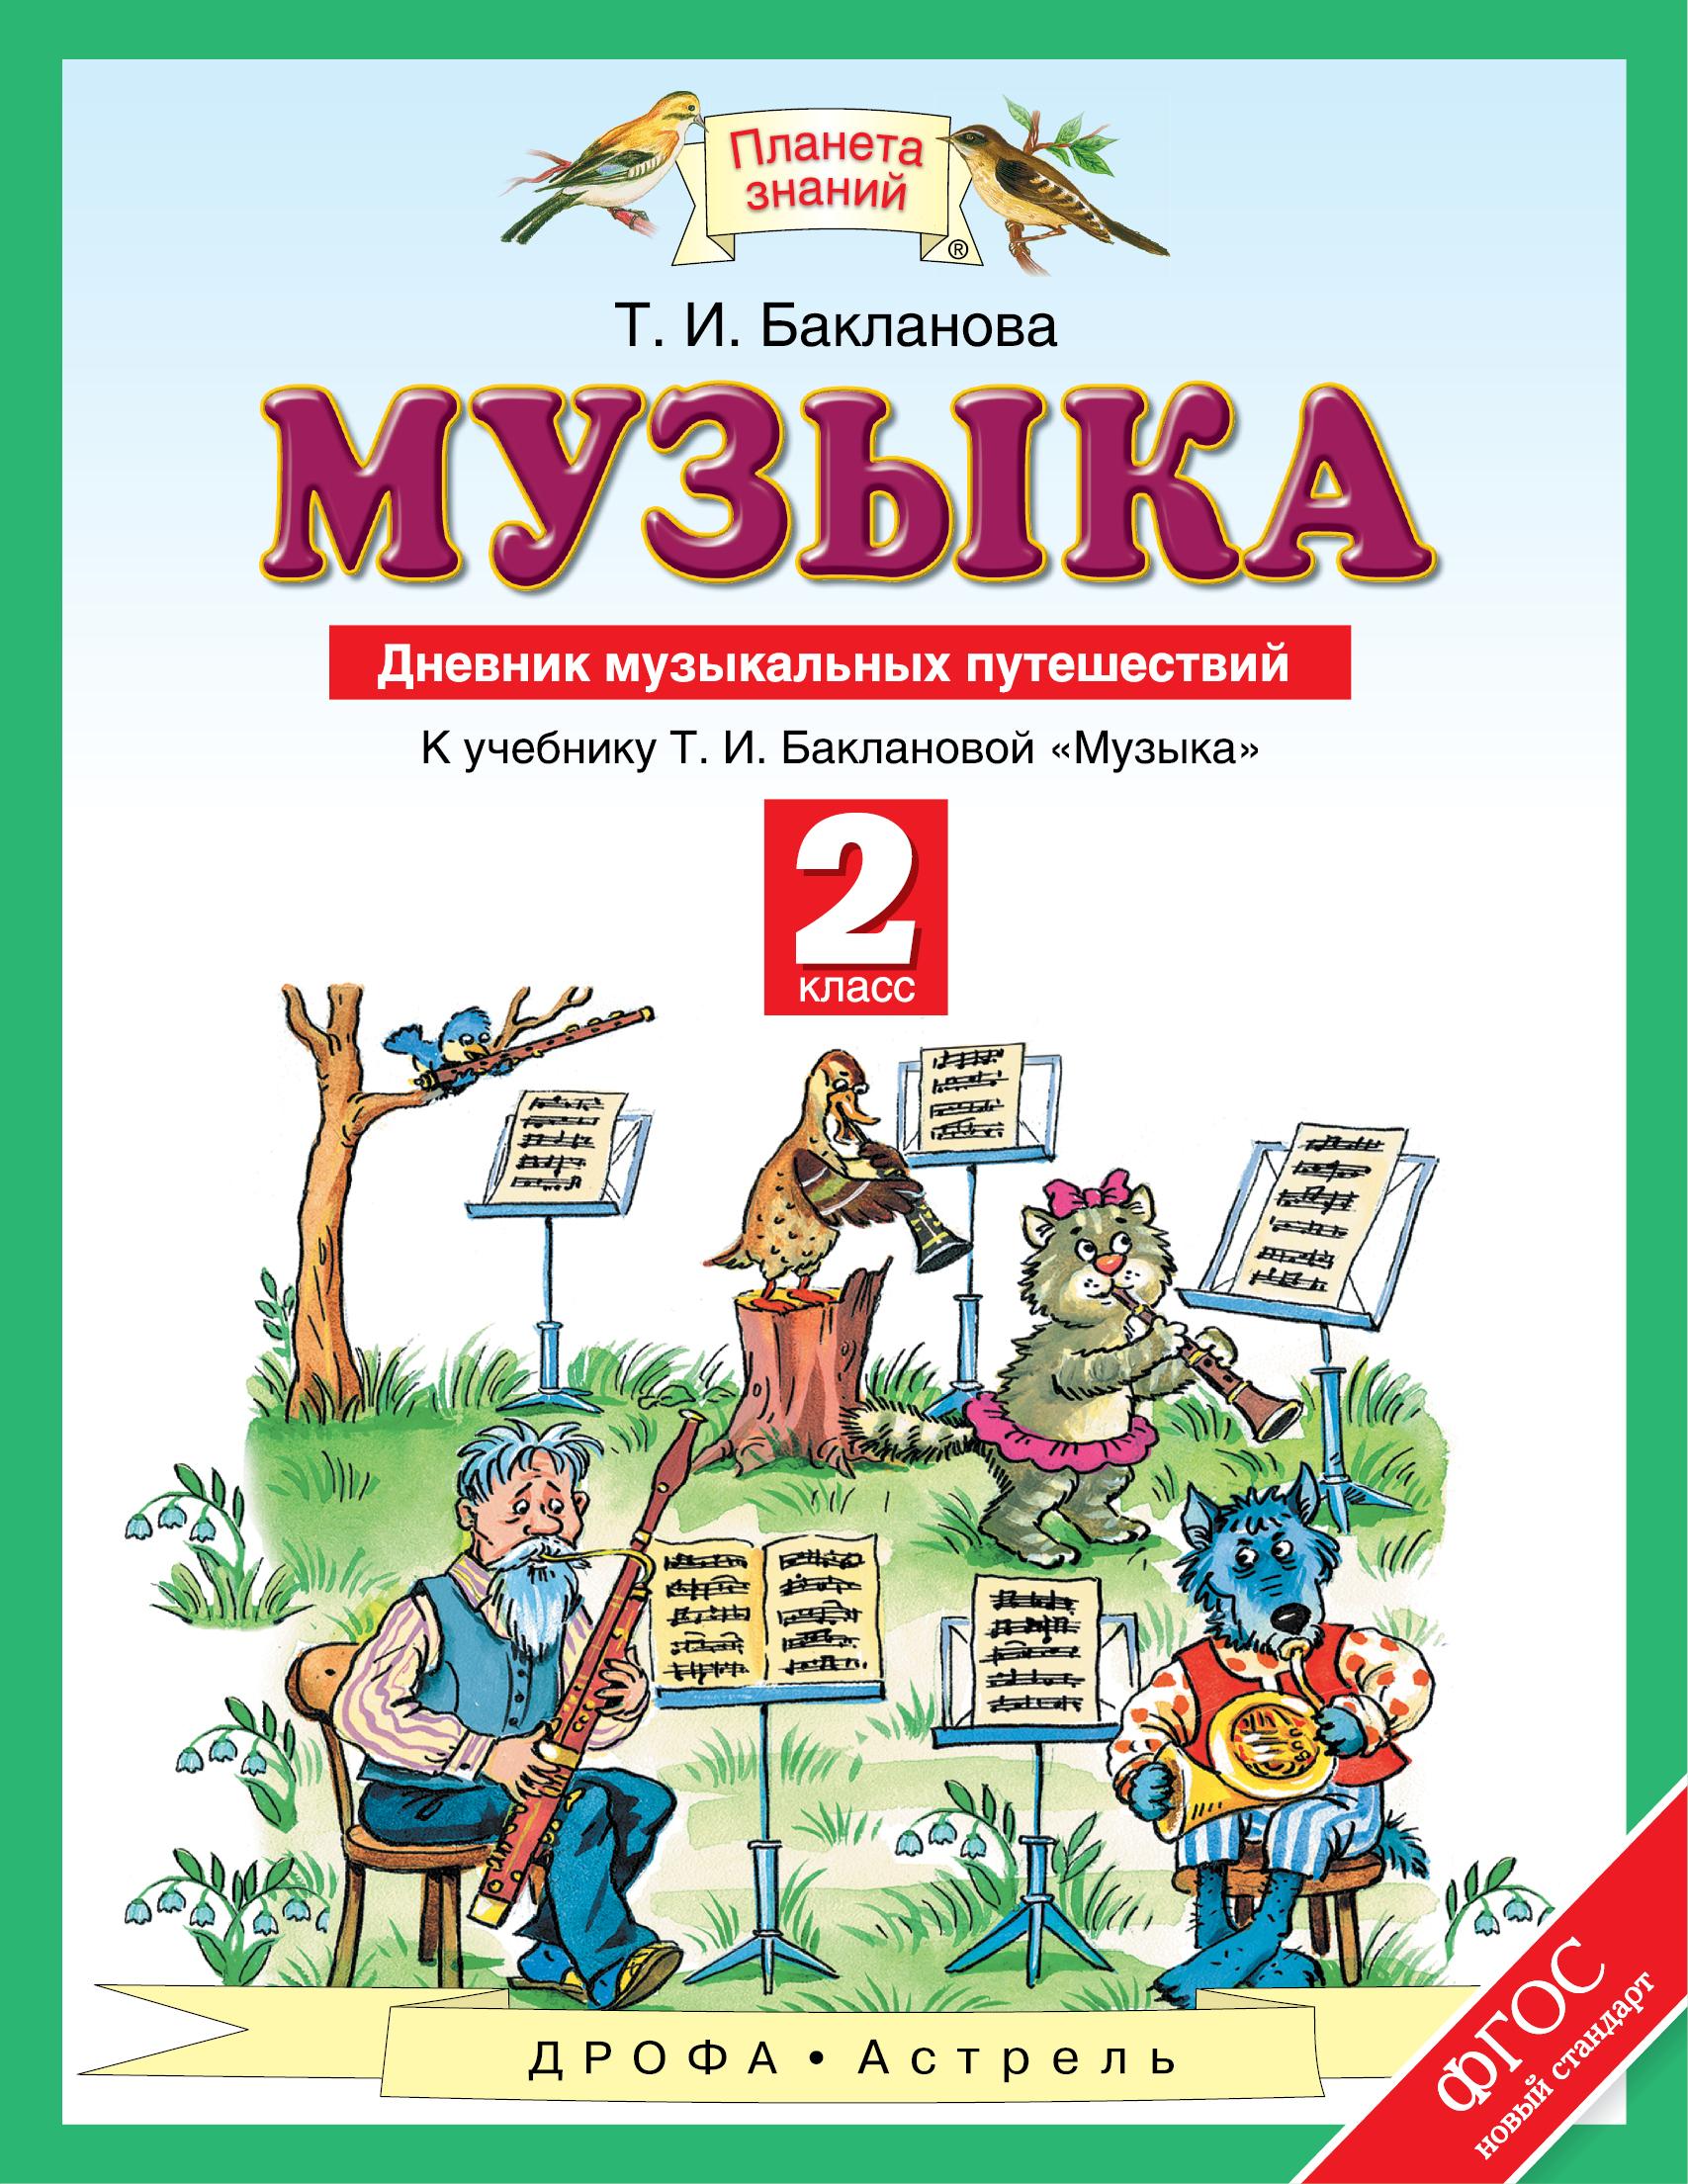 Музыка. 2 класс. Дневник музыкальных путешествий ( Бакланова Т.И.  )